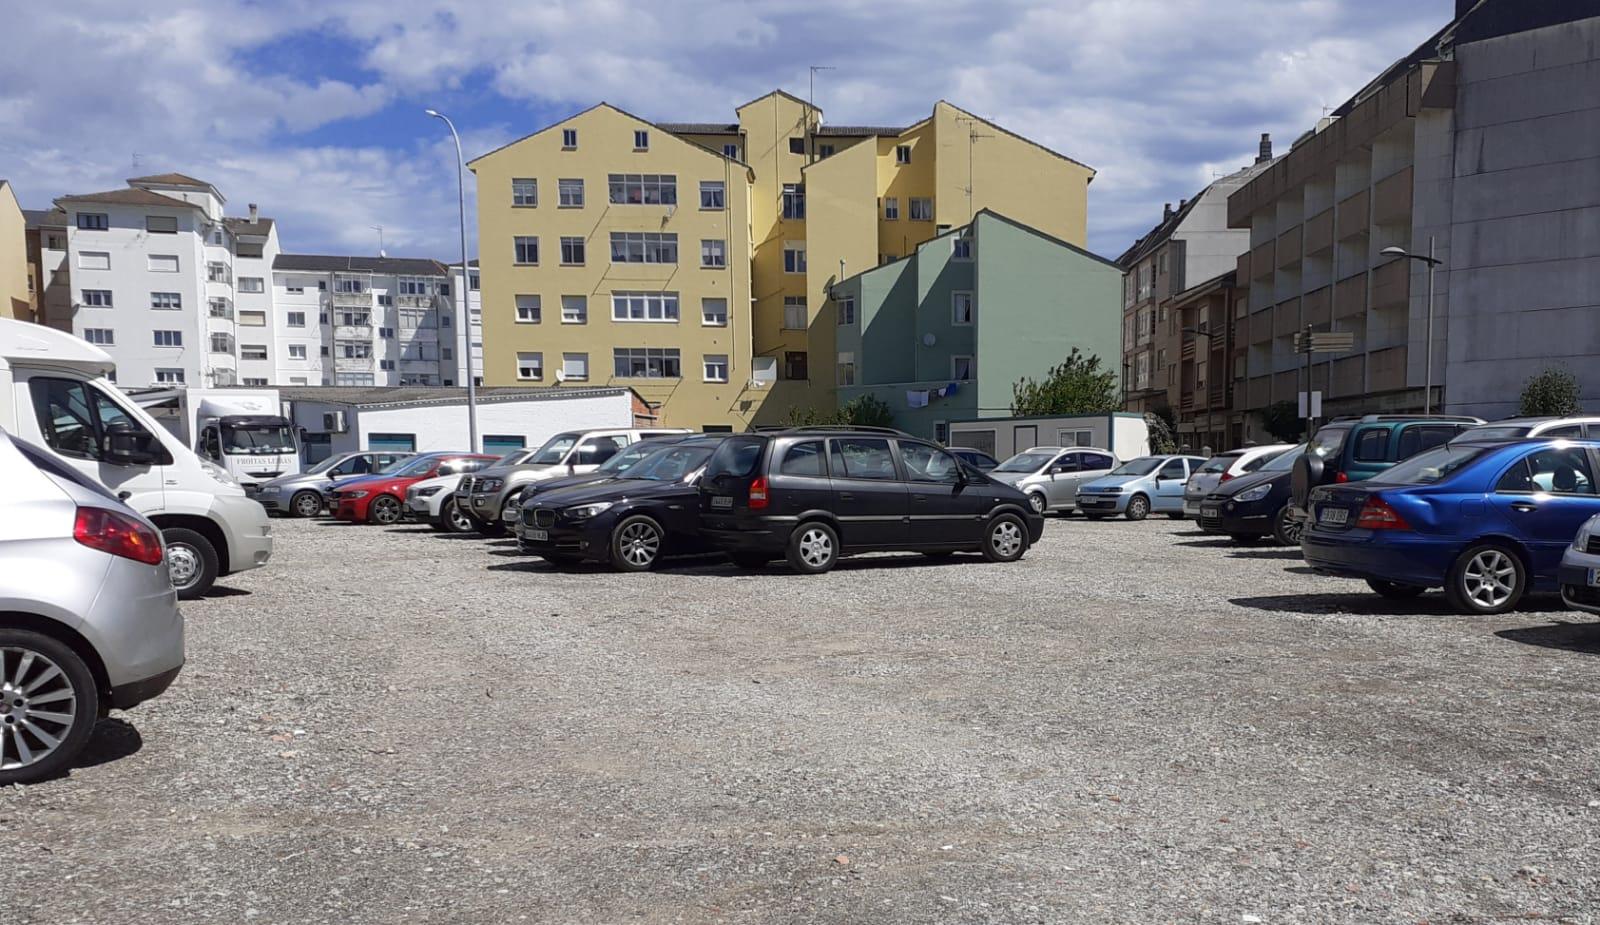 El ayuntamiento de Ribadeo ha creado 365 plazas de aparcamiento este verano